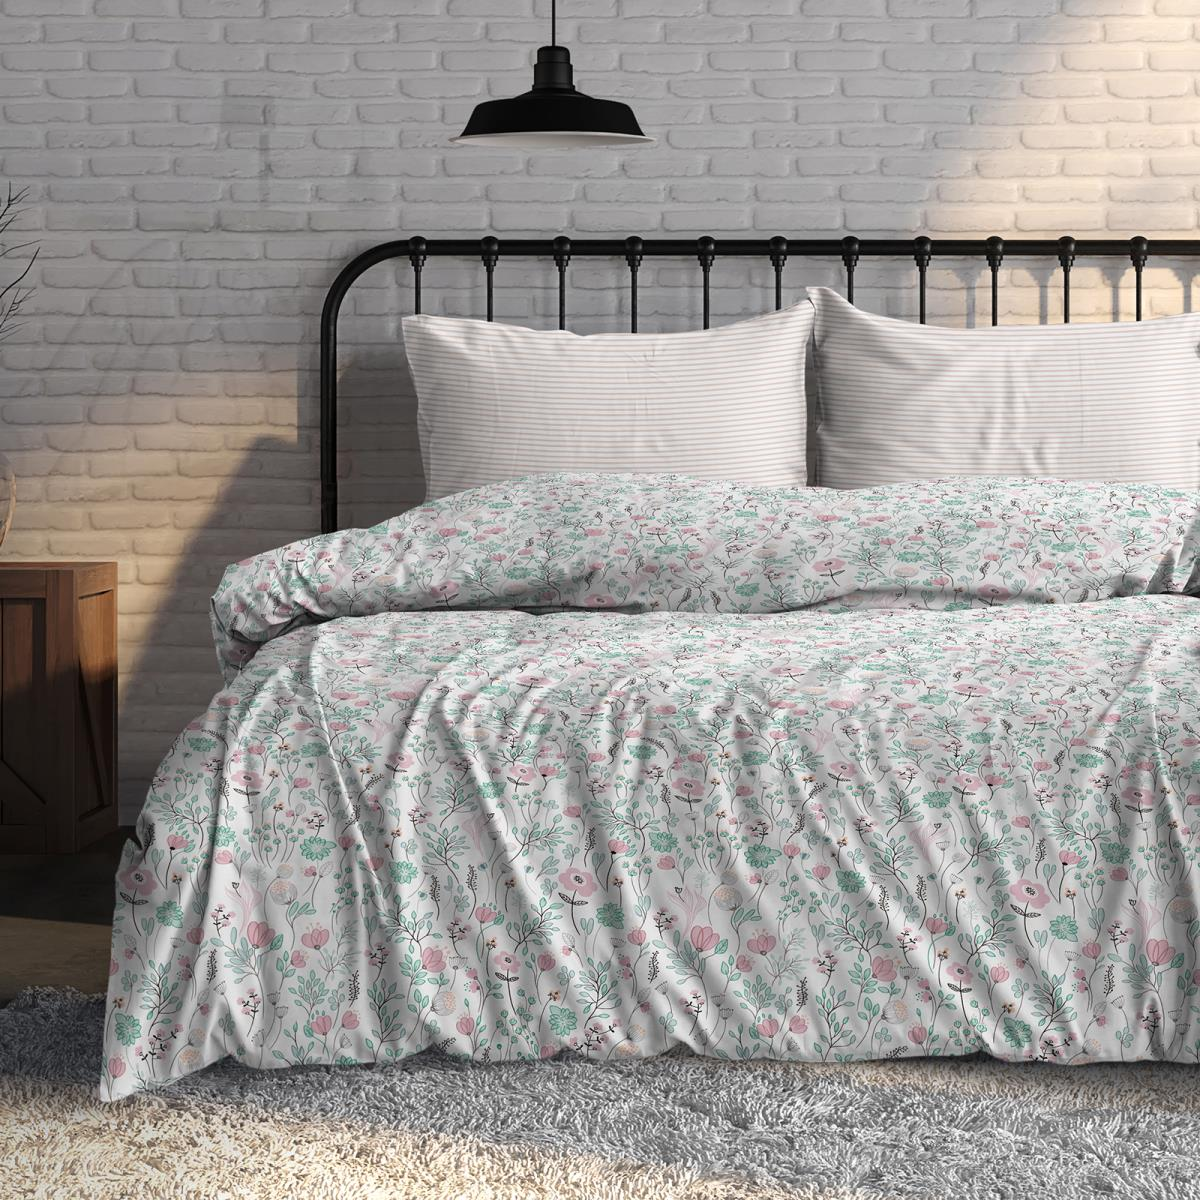 Фото - Постельное белье iv76089 (поплин) (1,5 спальный) постельное белье iv76089 поплин 1 5 спальный